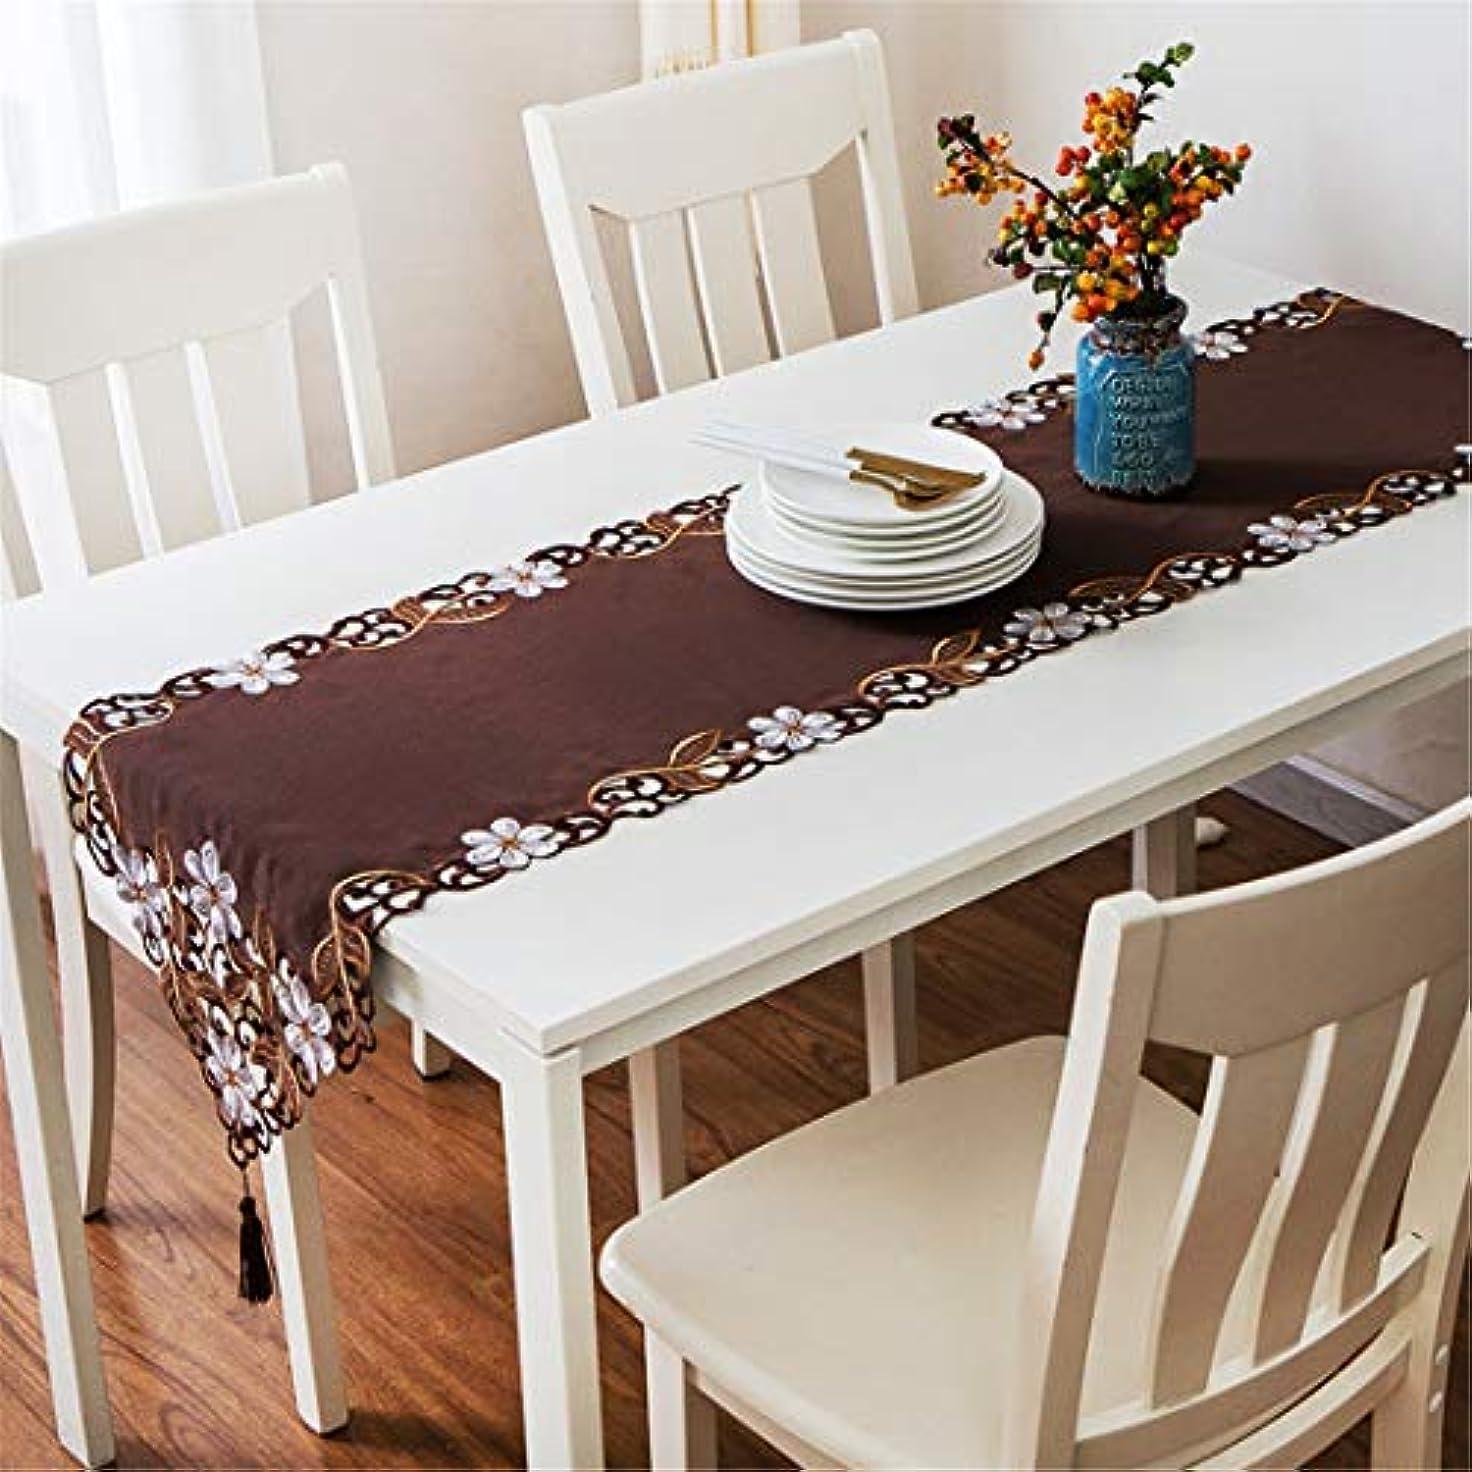 すきピクニック蒸発表旗欧州の刺繍テーブルクロス長方形中空表コーヒーテーブル靴キャビネットテーブルクロス,ブラウン,40*176